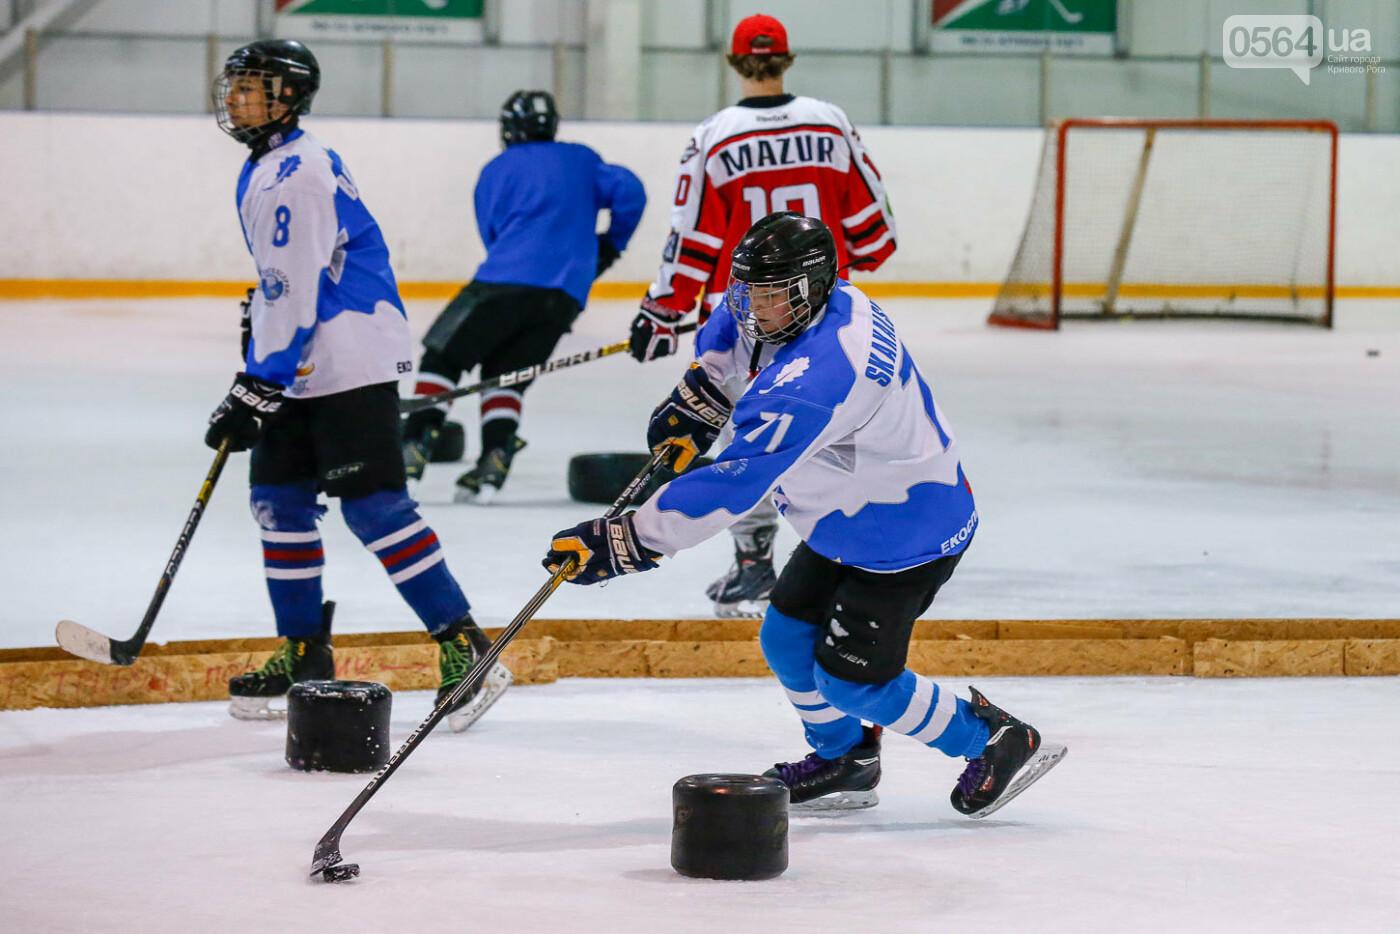 Звезды украинского хоккея провели открытую тренировку в Кривом Роге, фото-4